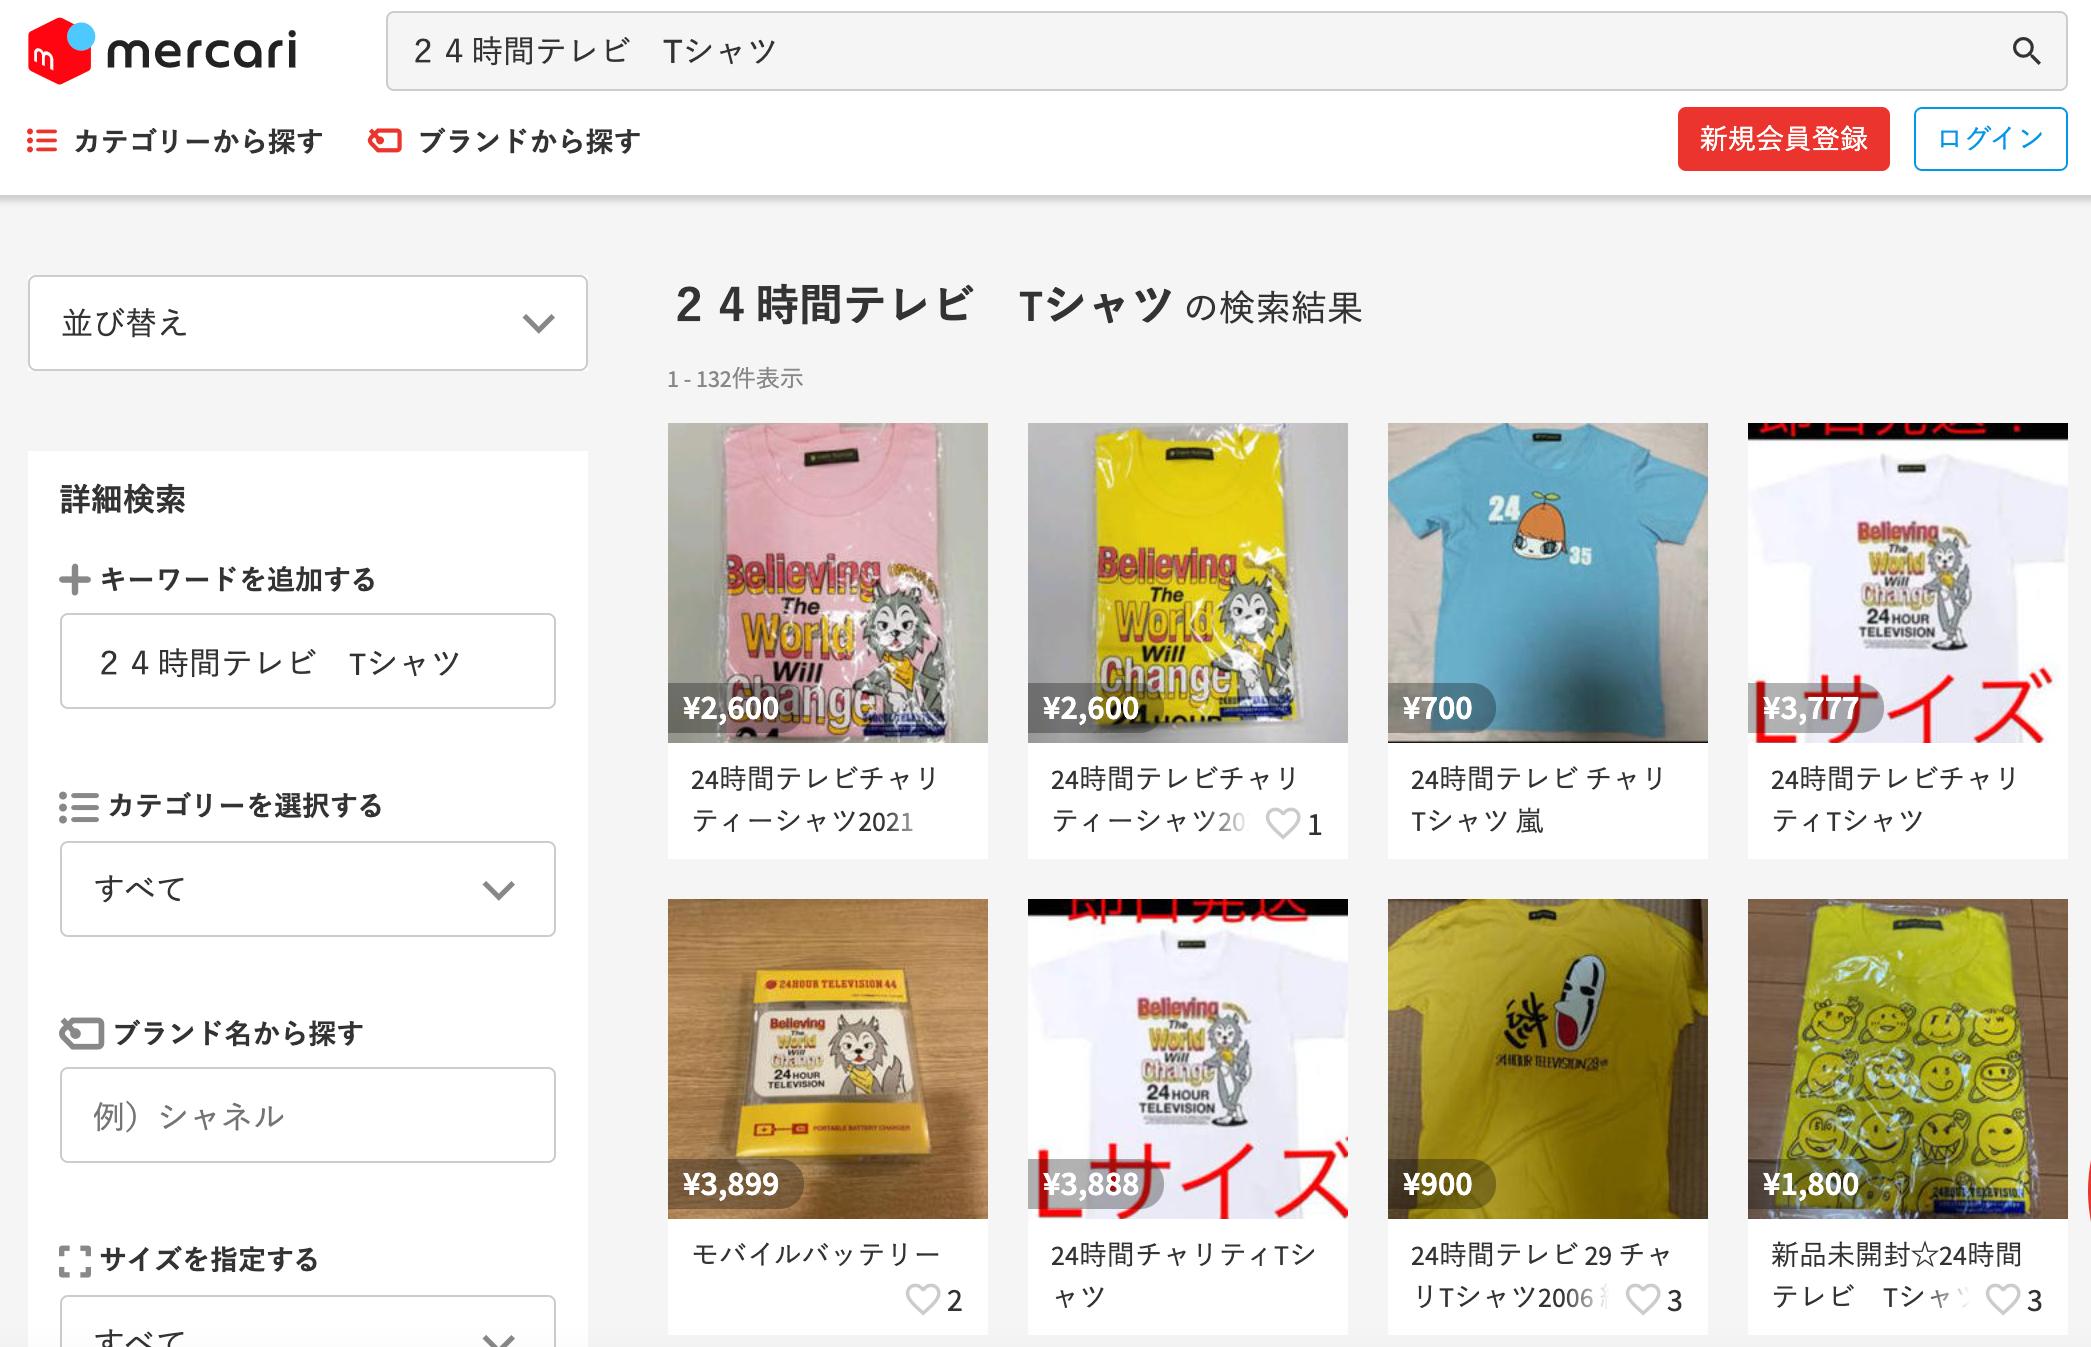 24時間テレビ 買い方 購入方法 Tシャツ